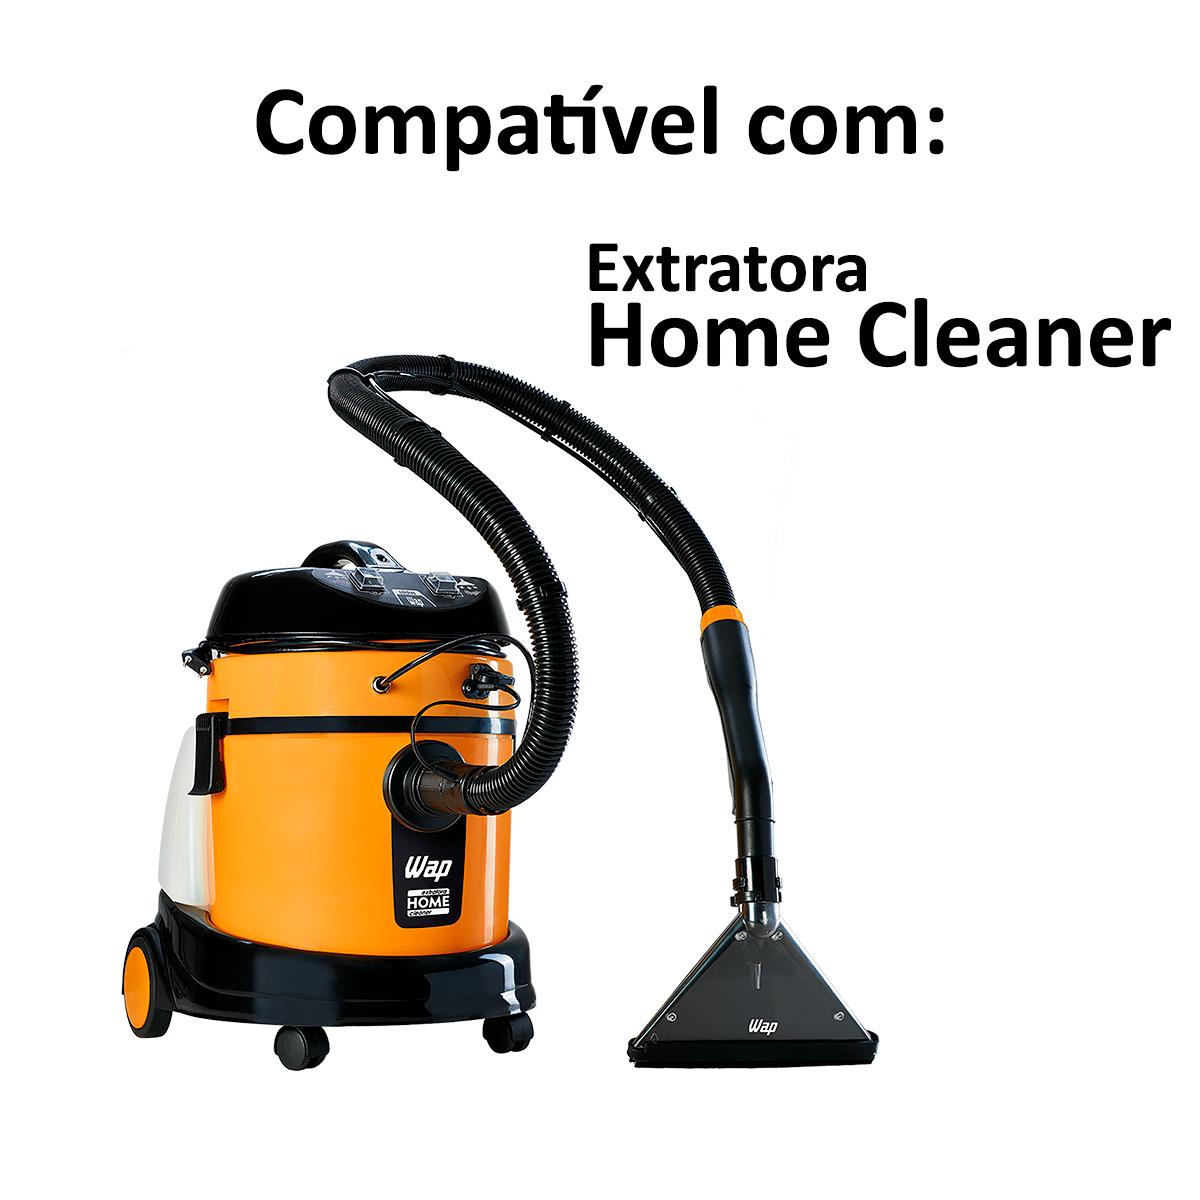 Bomba para Extratora Wap Home Cleaner 220v Original